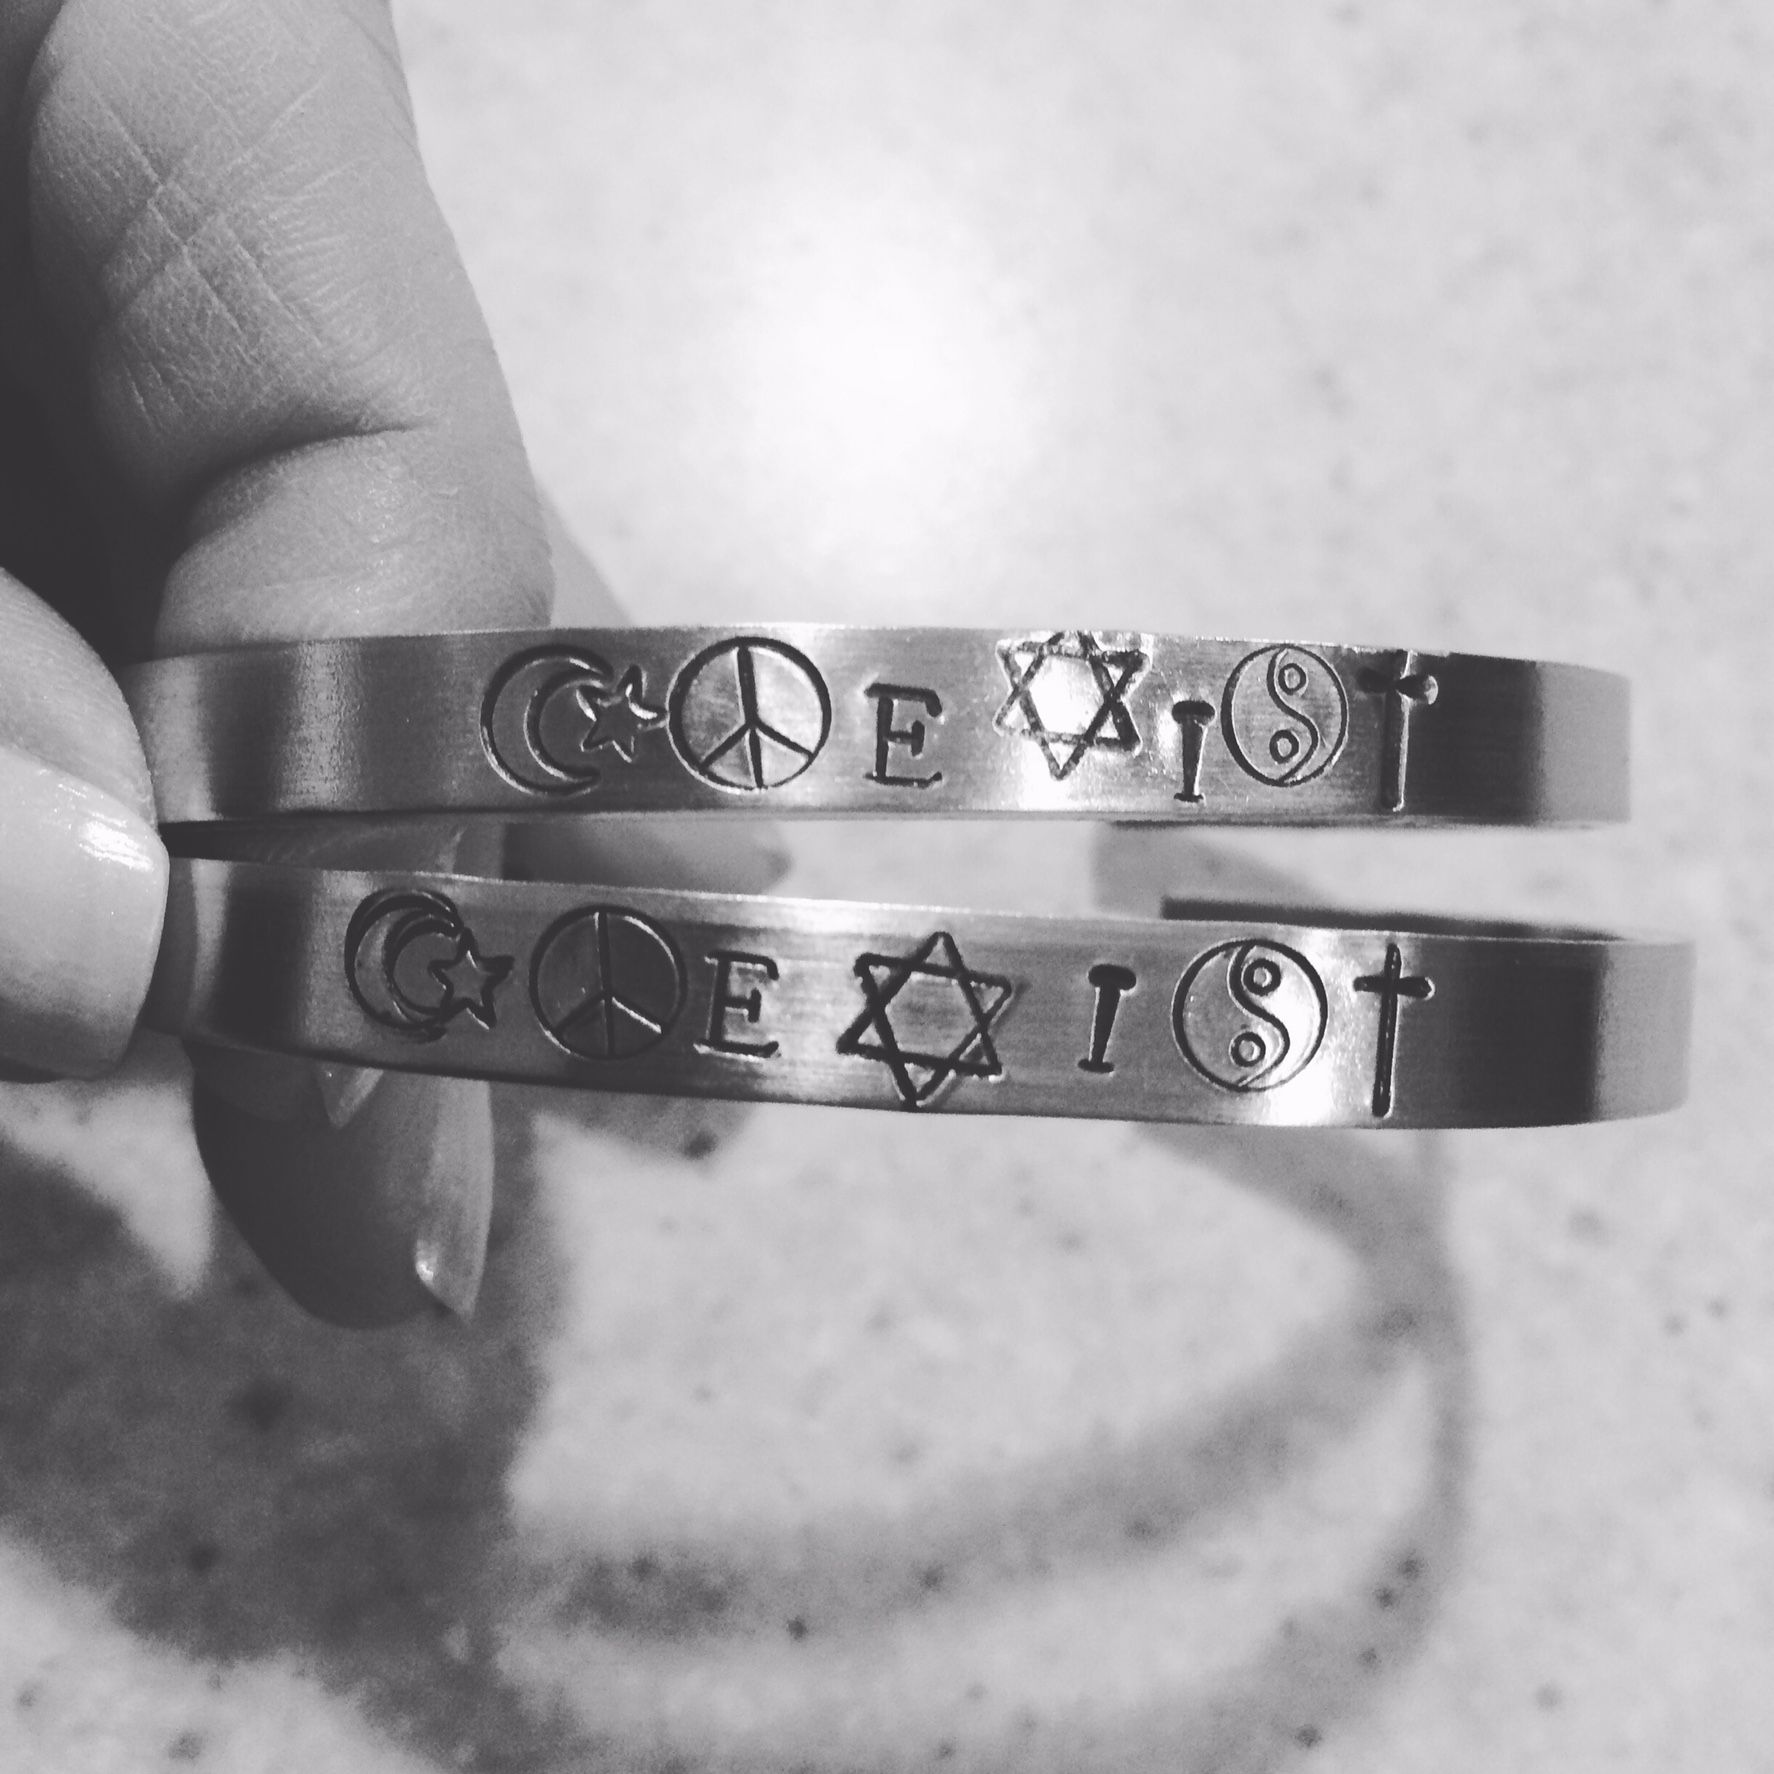 Coexist symbols etsy azinspiedjewelry az inspied jewelry